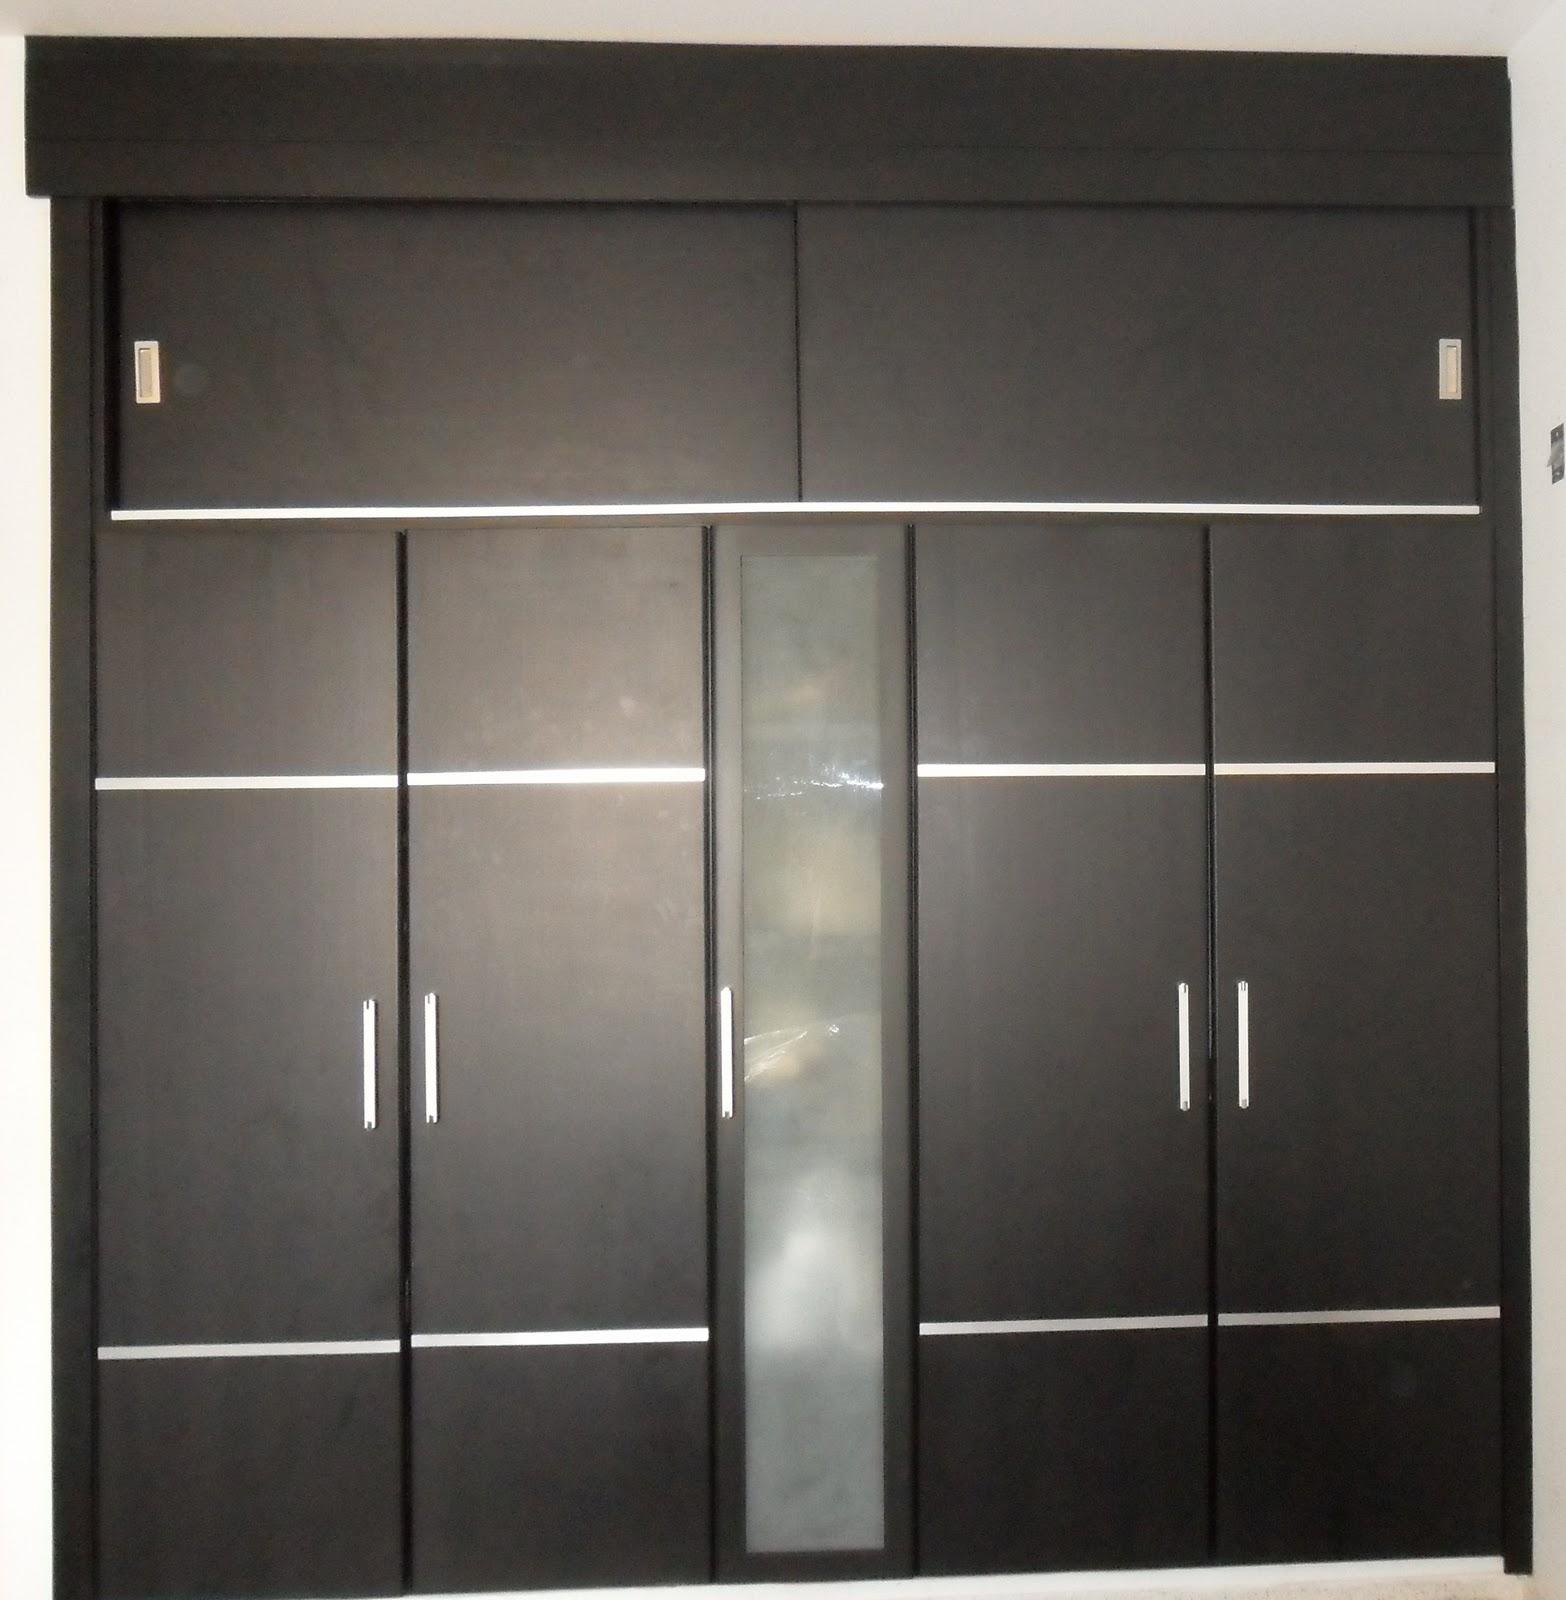 Mg integrales closet y terminados for Modelos de puertas para closet